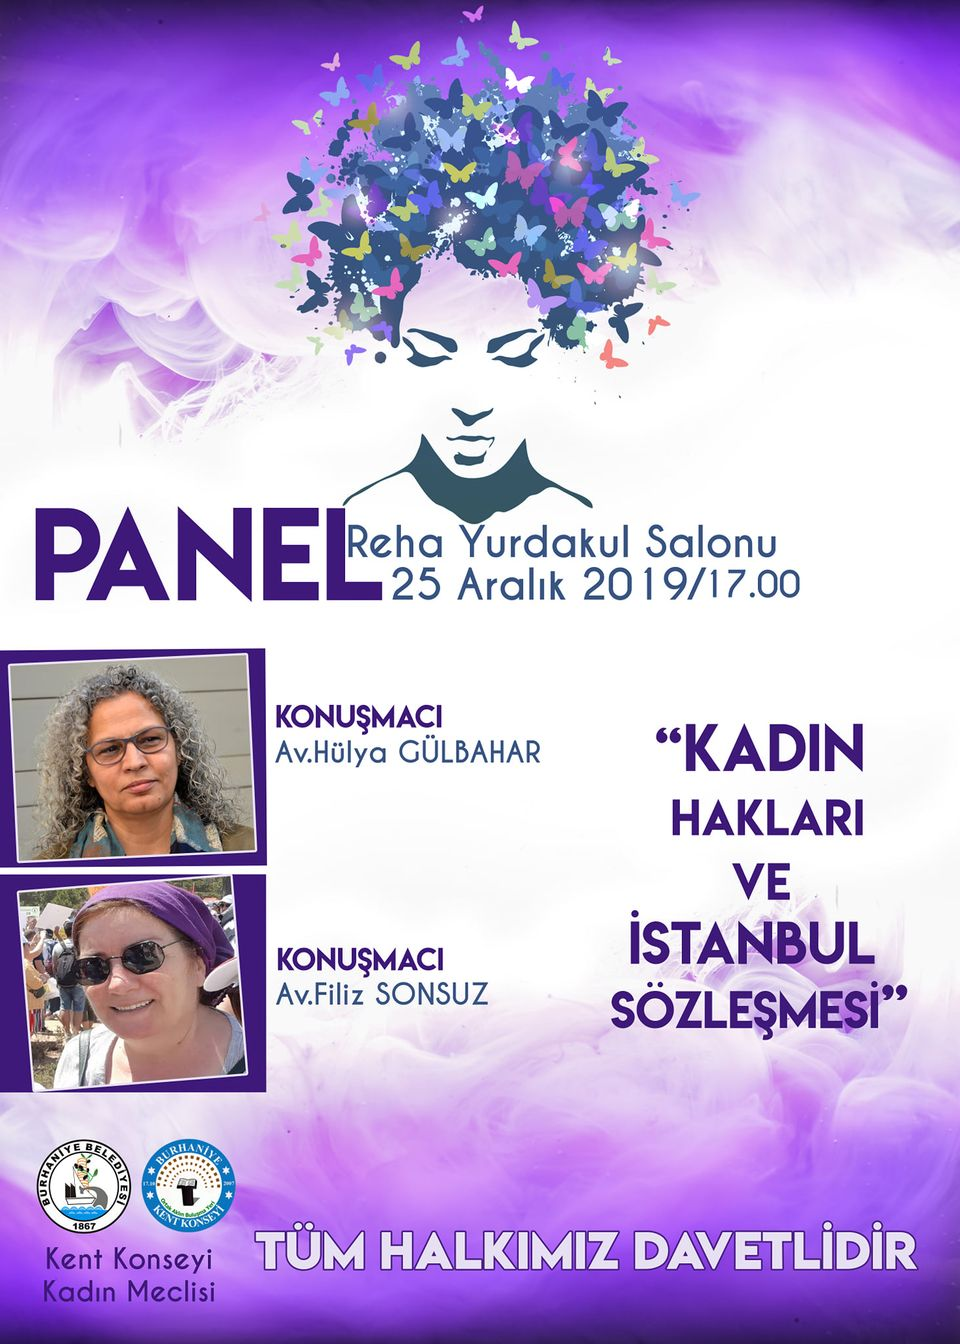 Burhaniye'de Kadın Hakları Paneli Düzenlenecek